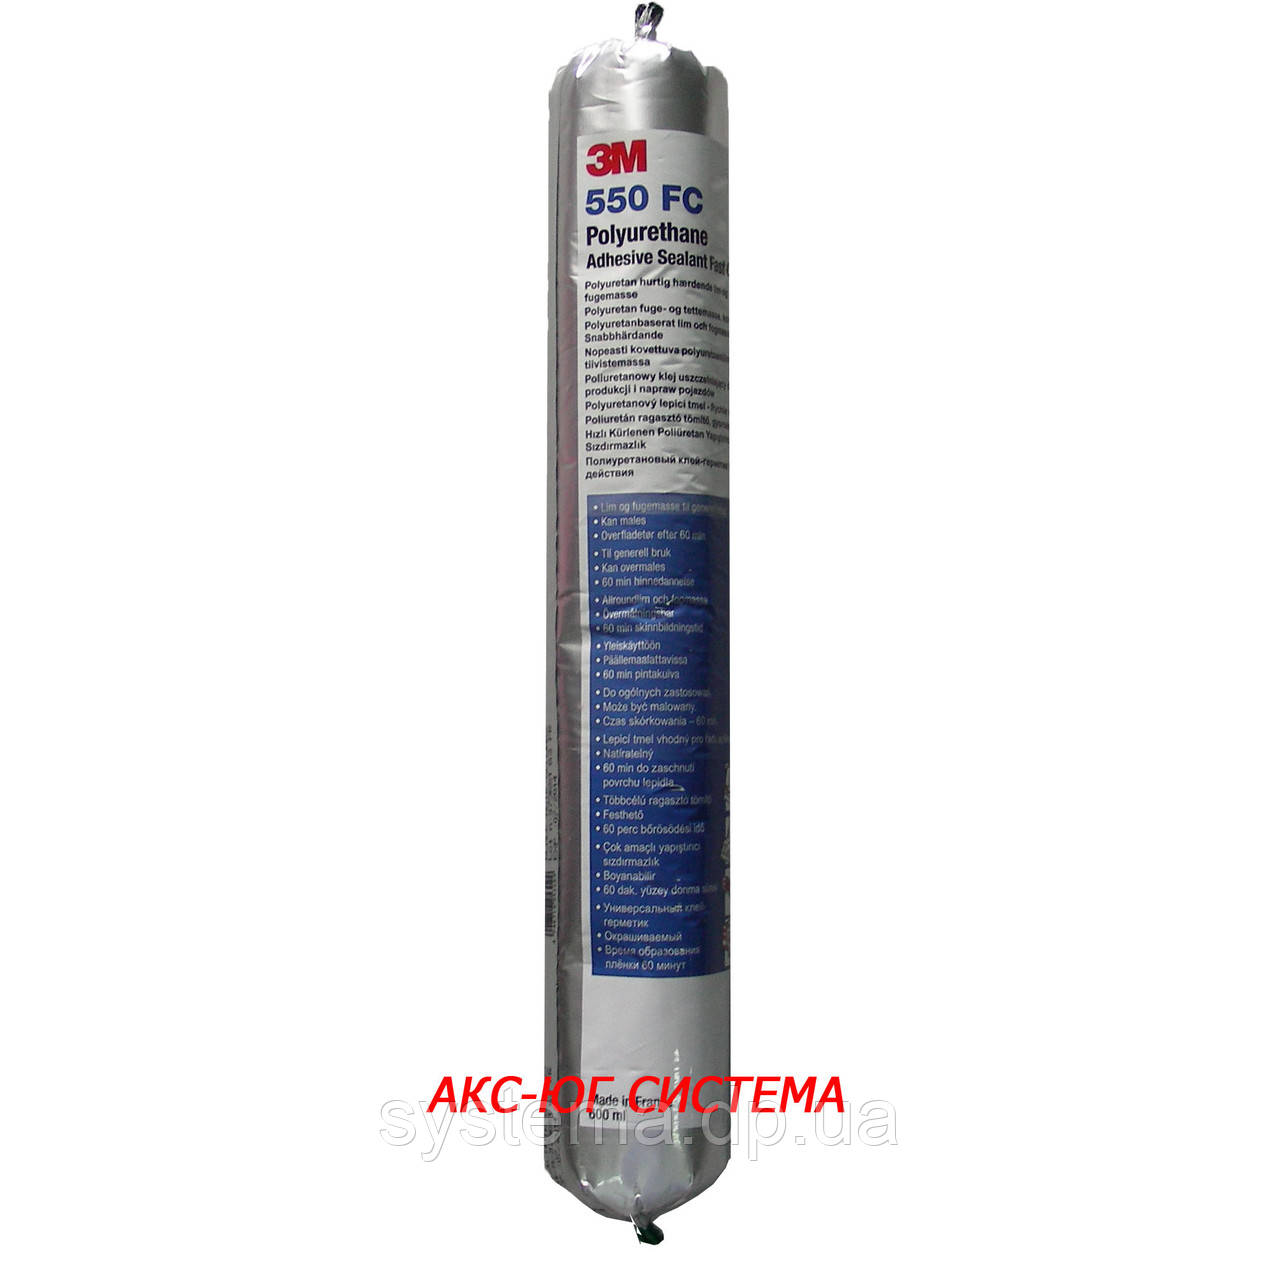 3M™550 FC - Полиуретановый клей-герметик, серый, 600 мл